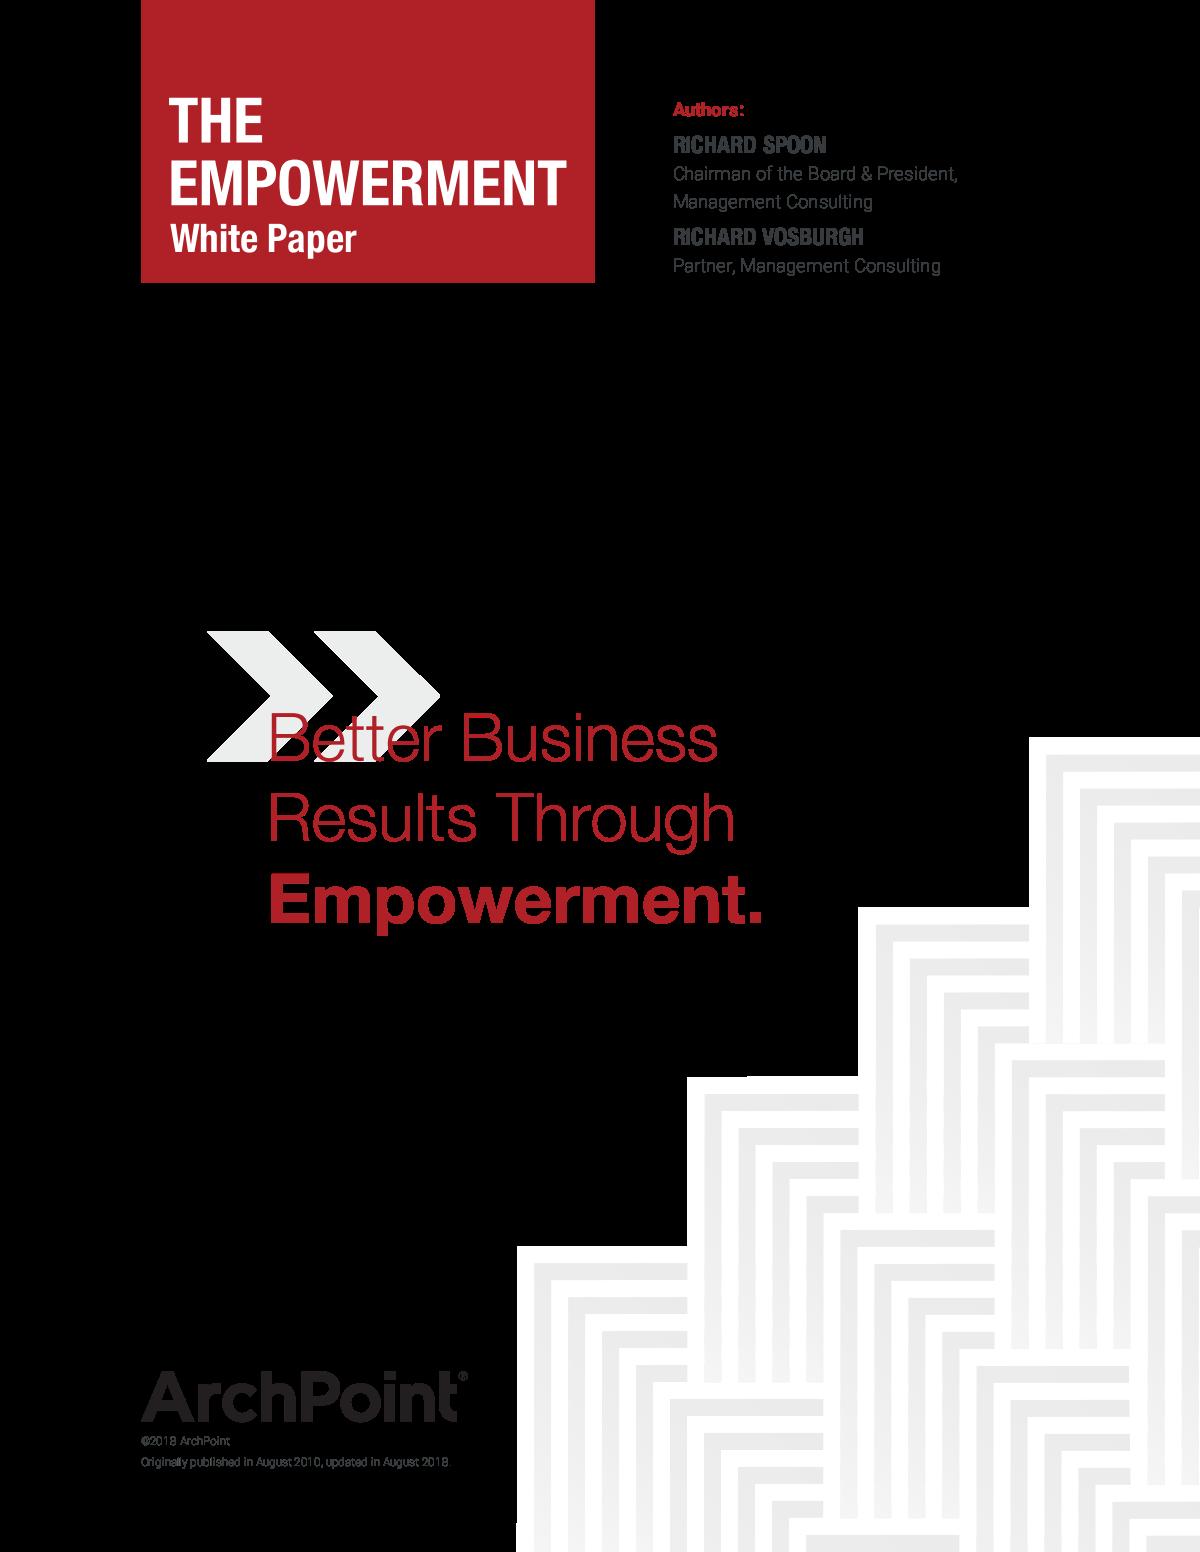 Refresh of Empowerment Whitepaper